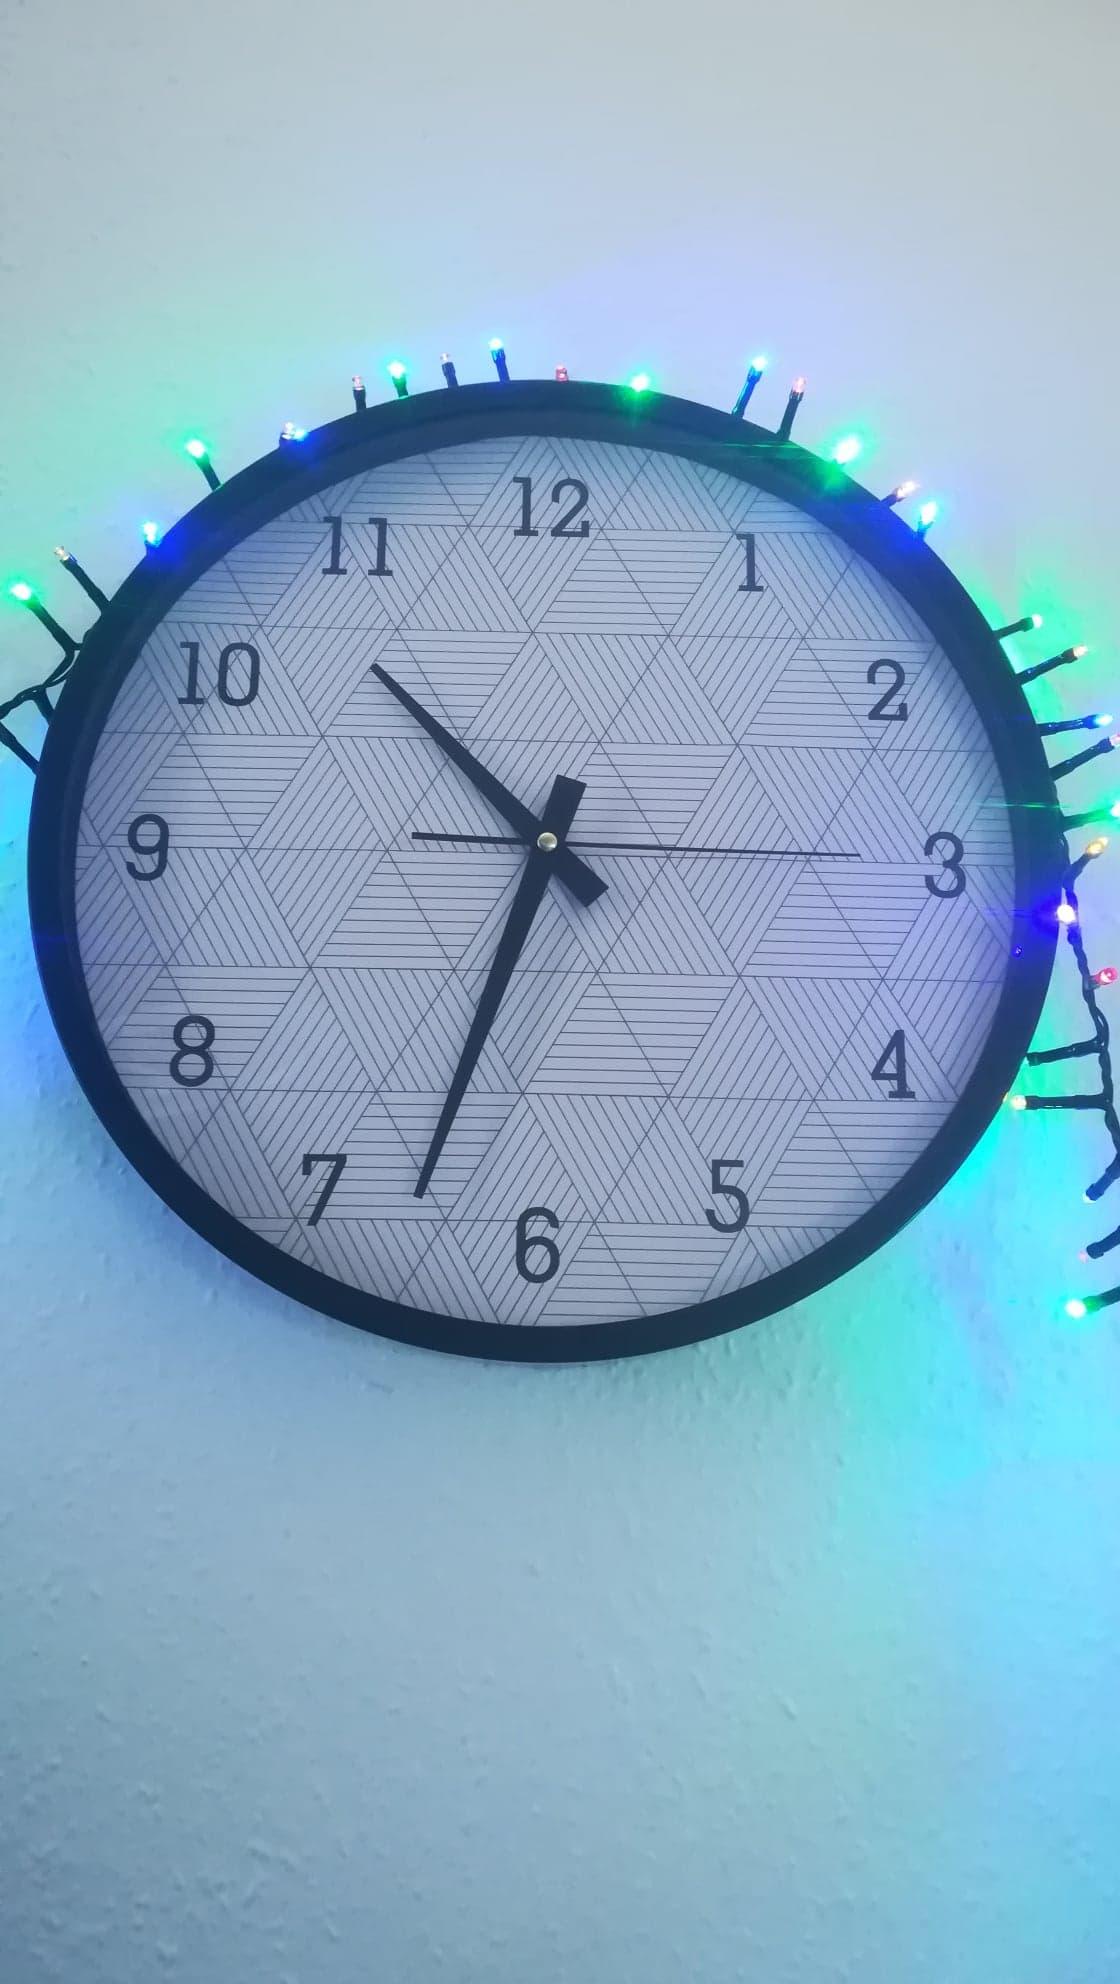 L'image est centrée sur une horloge murale affichant dix heure trente-trois. La trotteuse est arrêtée sur un quart de minutes. Au-dessus de cette horloge se promène la guirlande lumineuse, qui affiche des lueurs froides bleues et vertes. Le mur est nu, blanc.